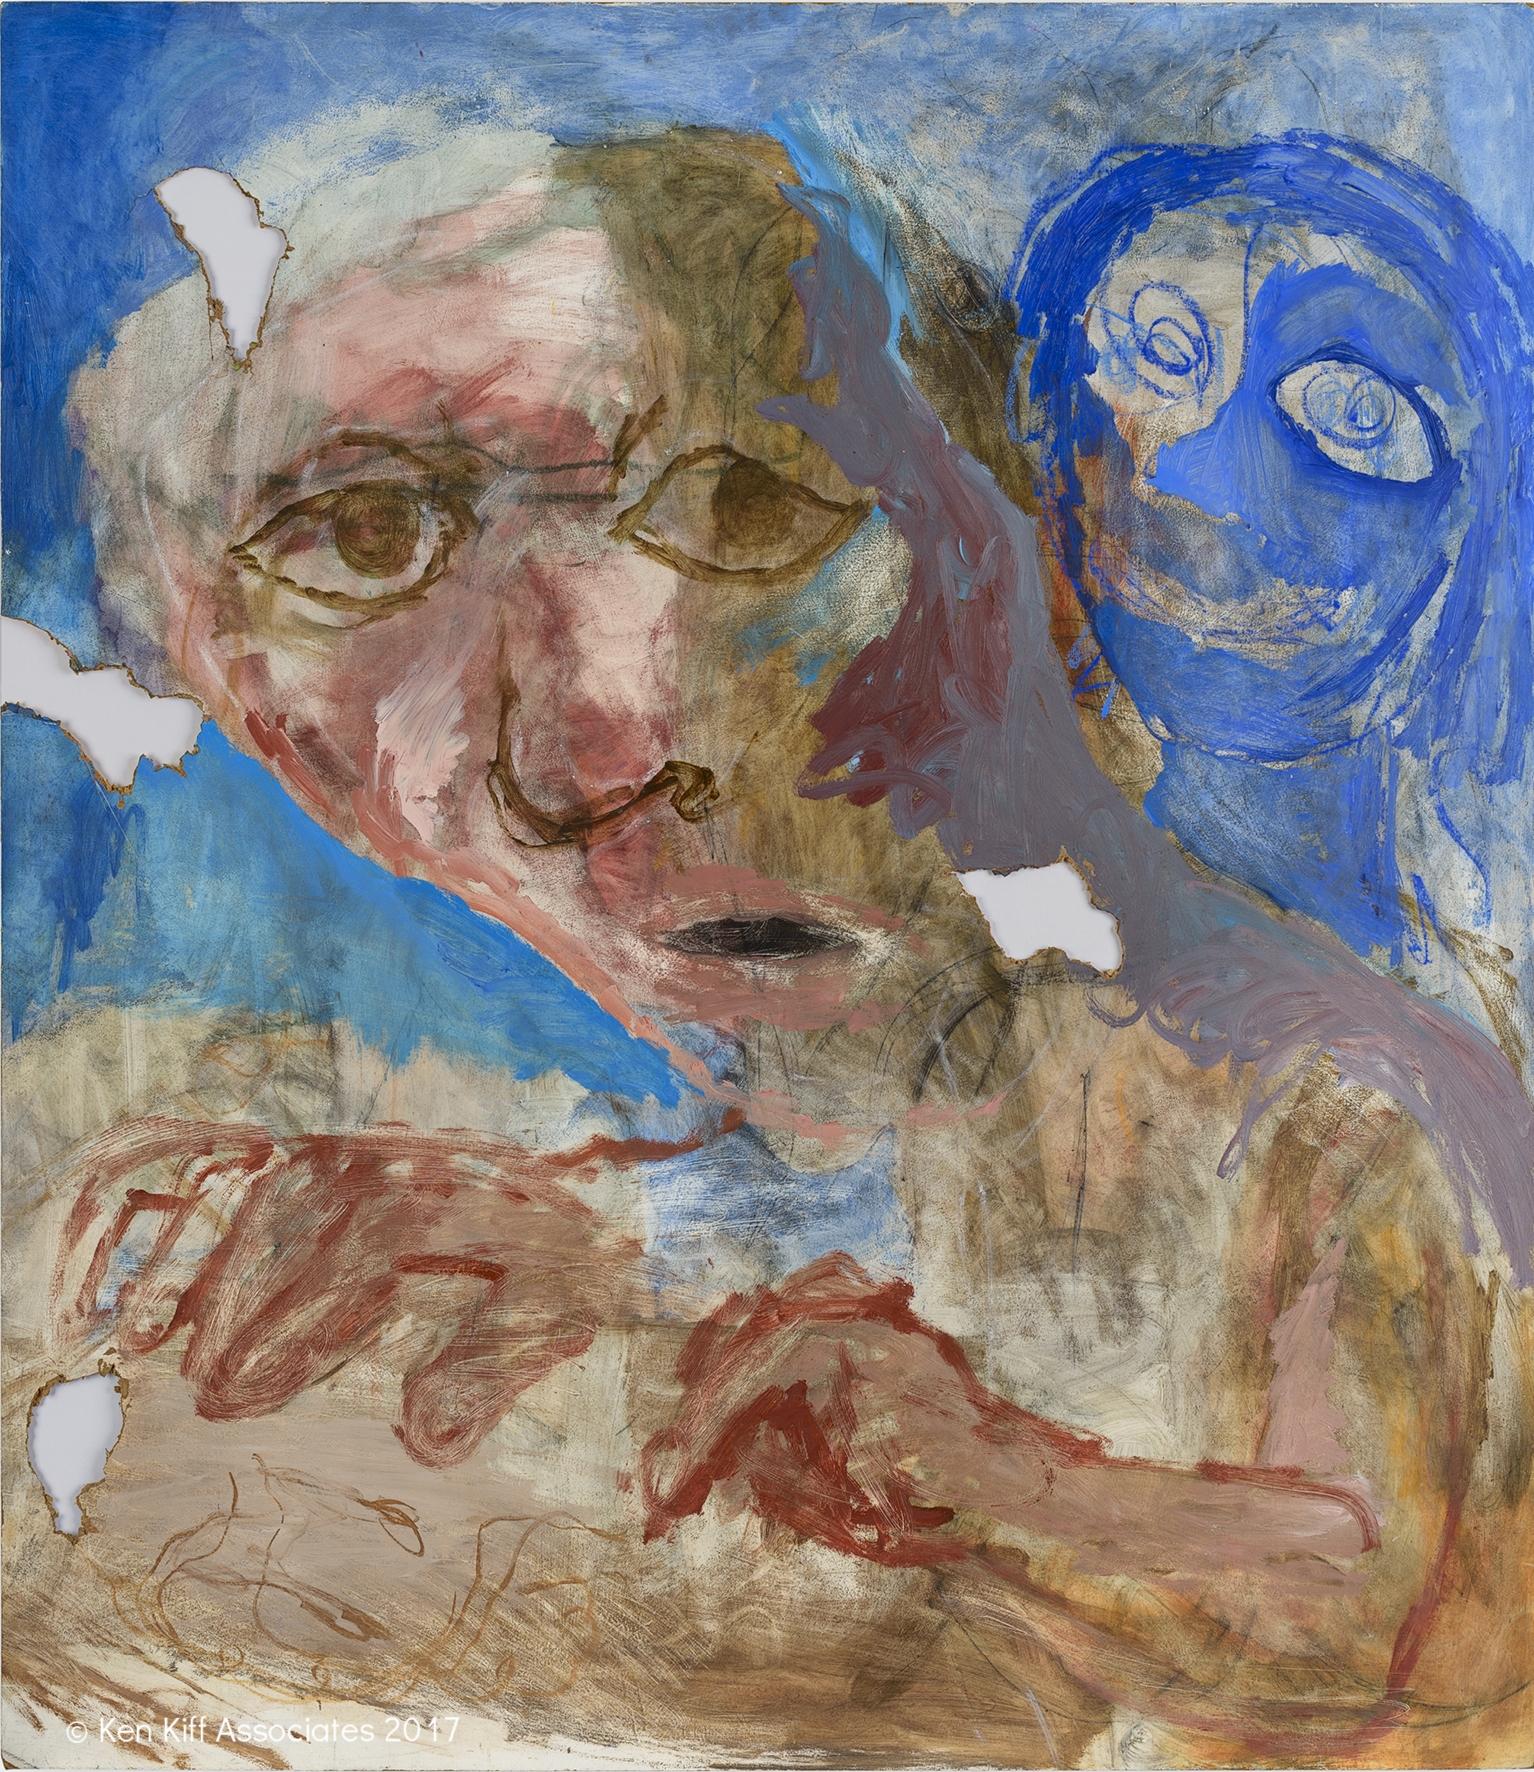 Ken Kiff - Artist and Blue Head